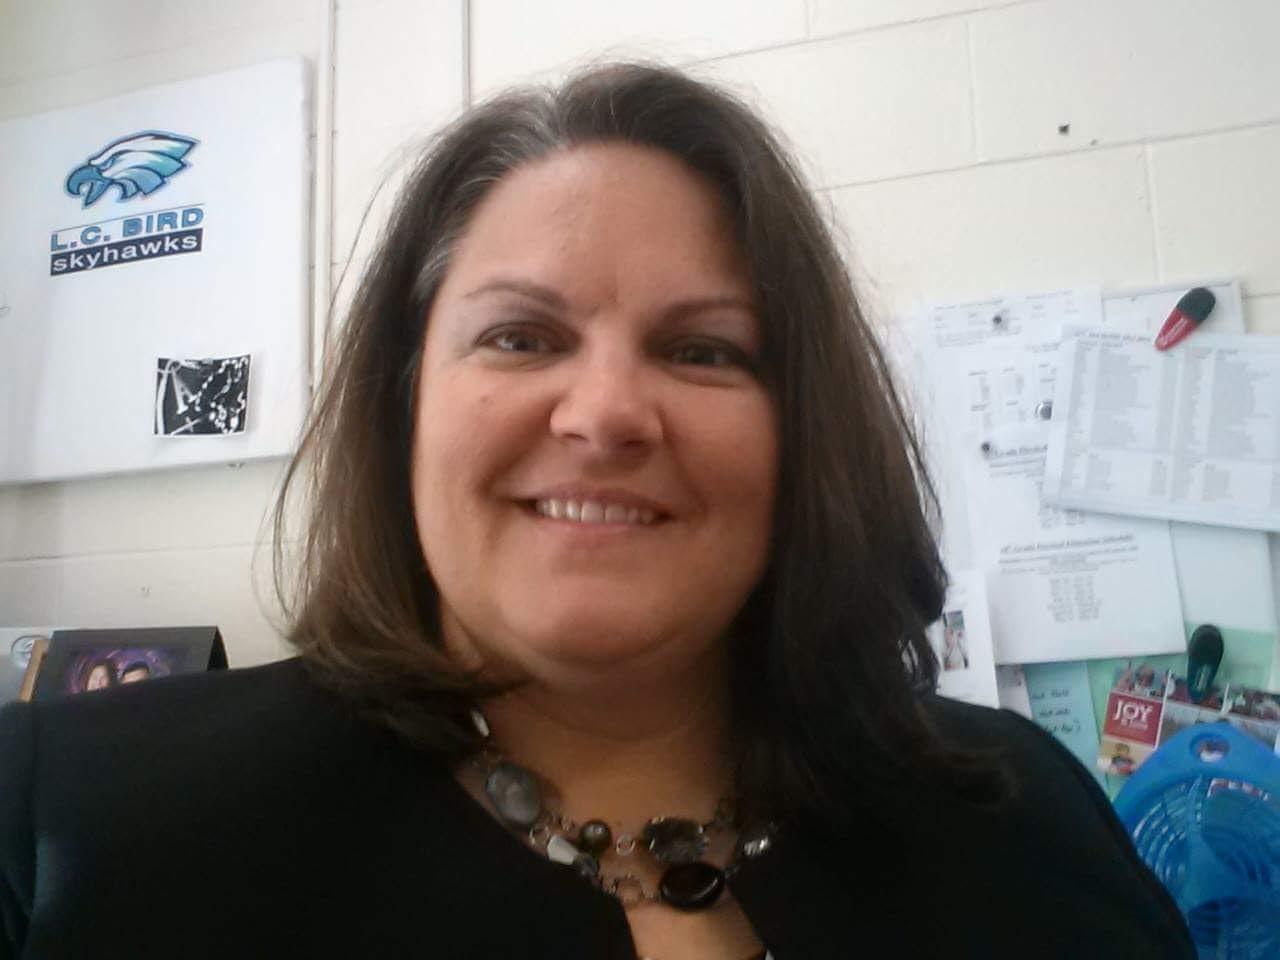 Selfie of Principal at her desk.